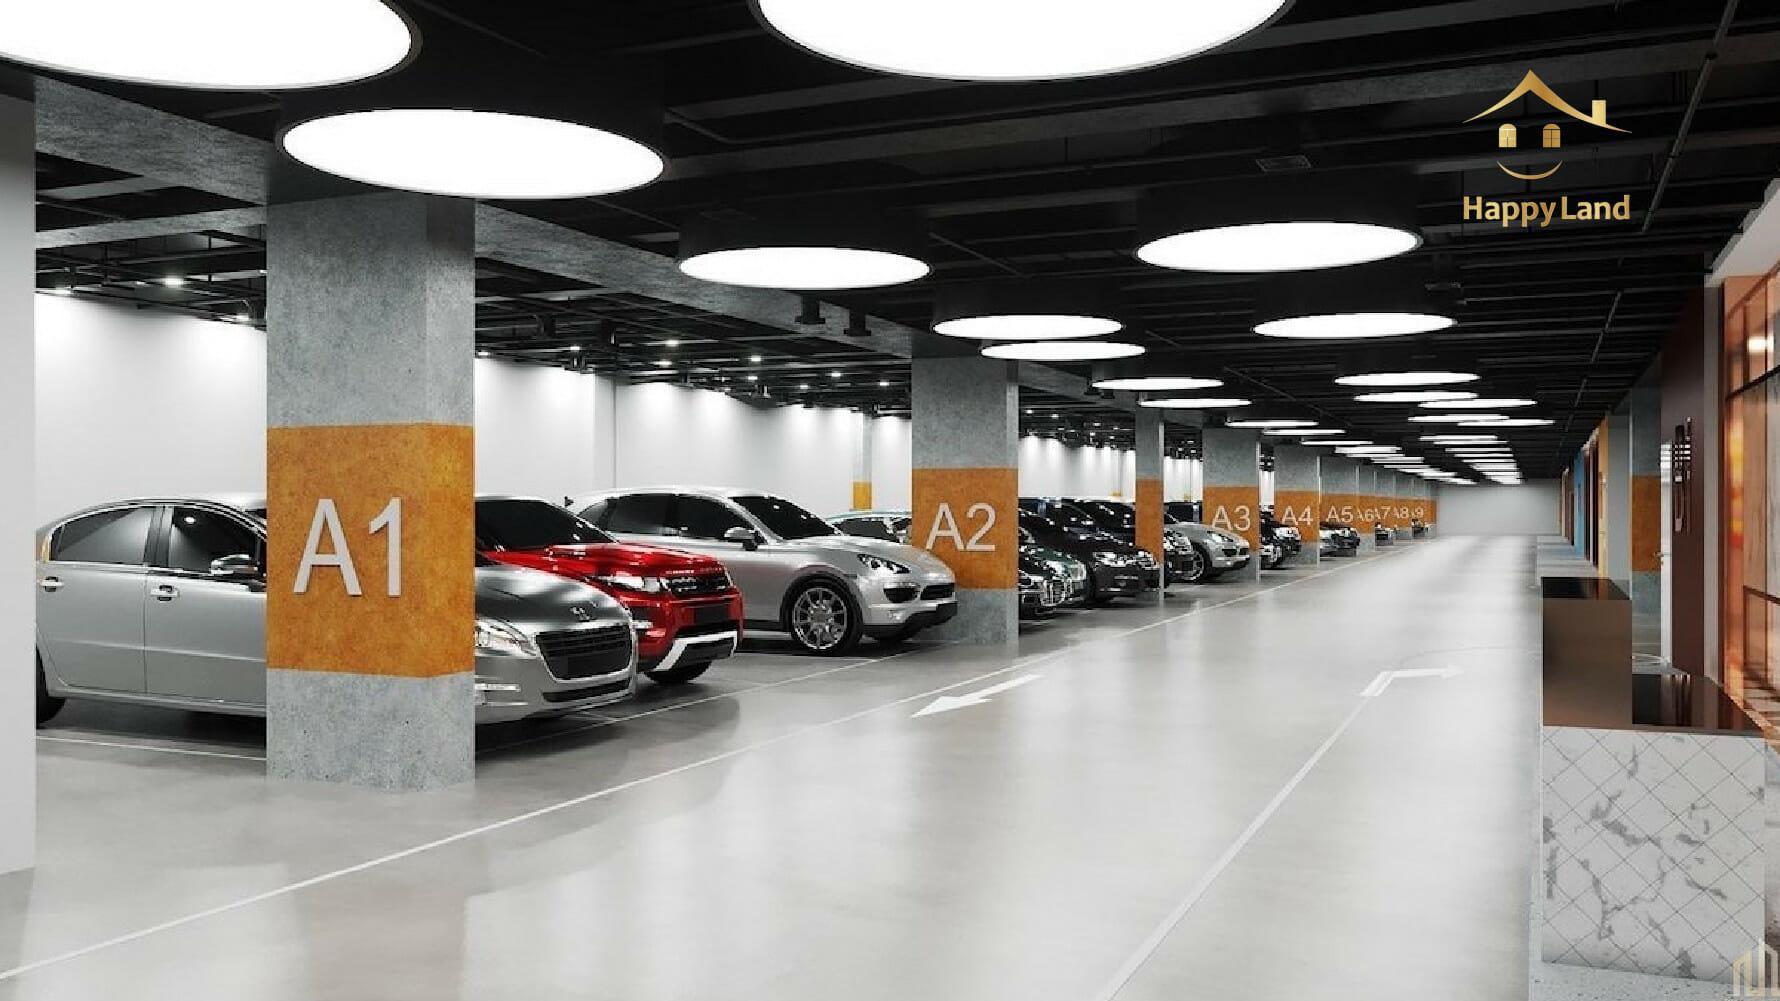 Một lưu ý khi mua căn hộ TP Thủ Đức chất lượng là tìm kiếm dự án có bãi đỗ xe chất lượng